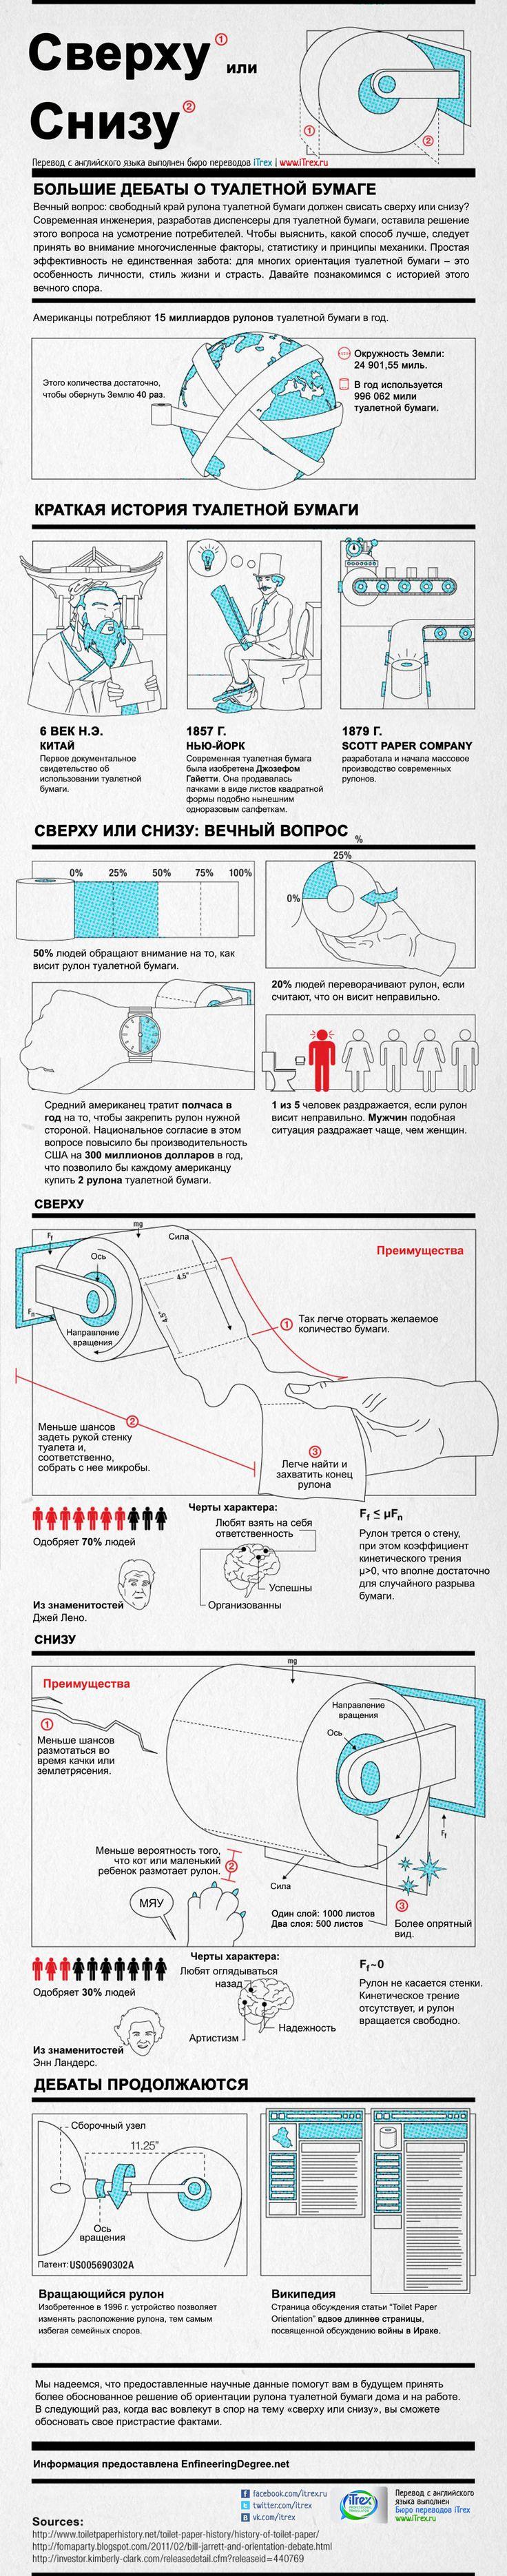 Вечный спор – сверху или снизу. Плюсы и минусы обоих вариантов в переводной инфографике ;) http://itrex.ru/news/sverkhu-ili-snizu